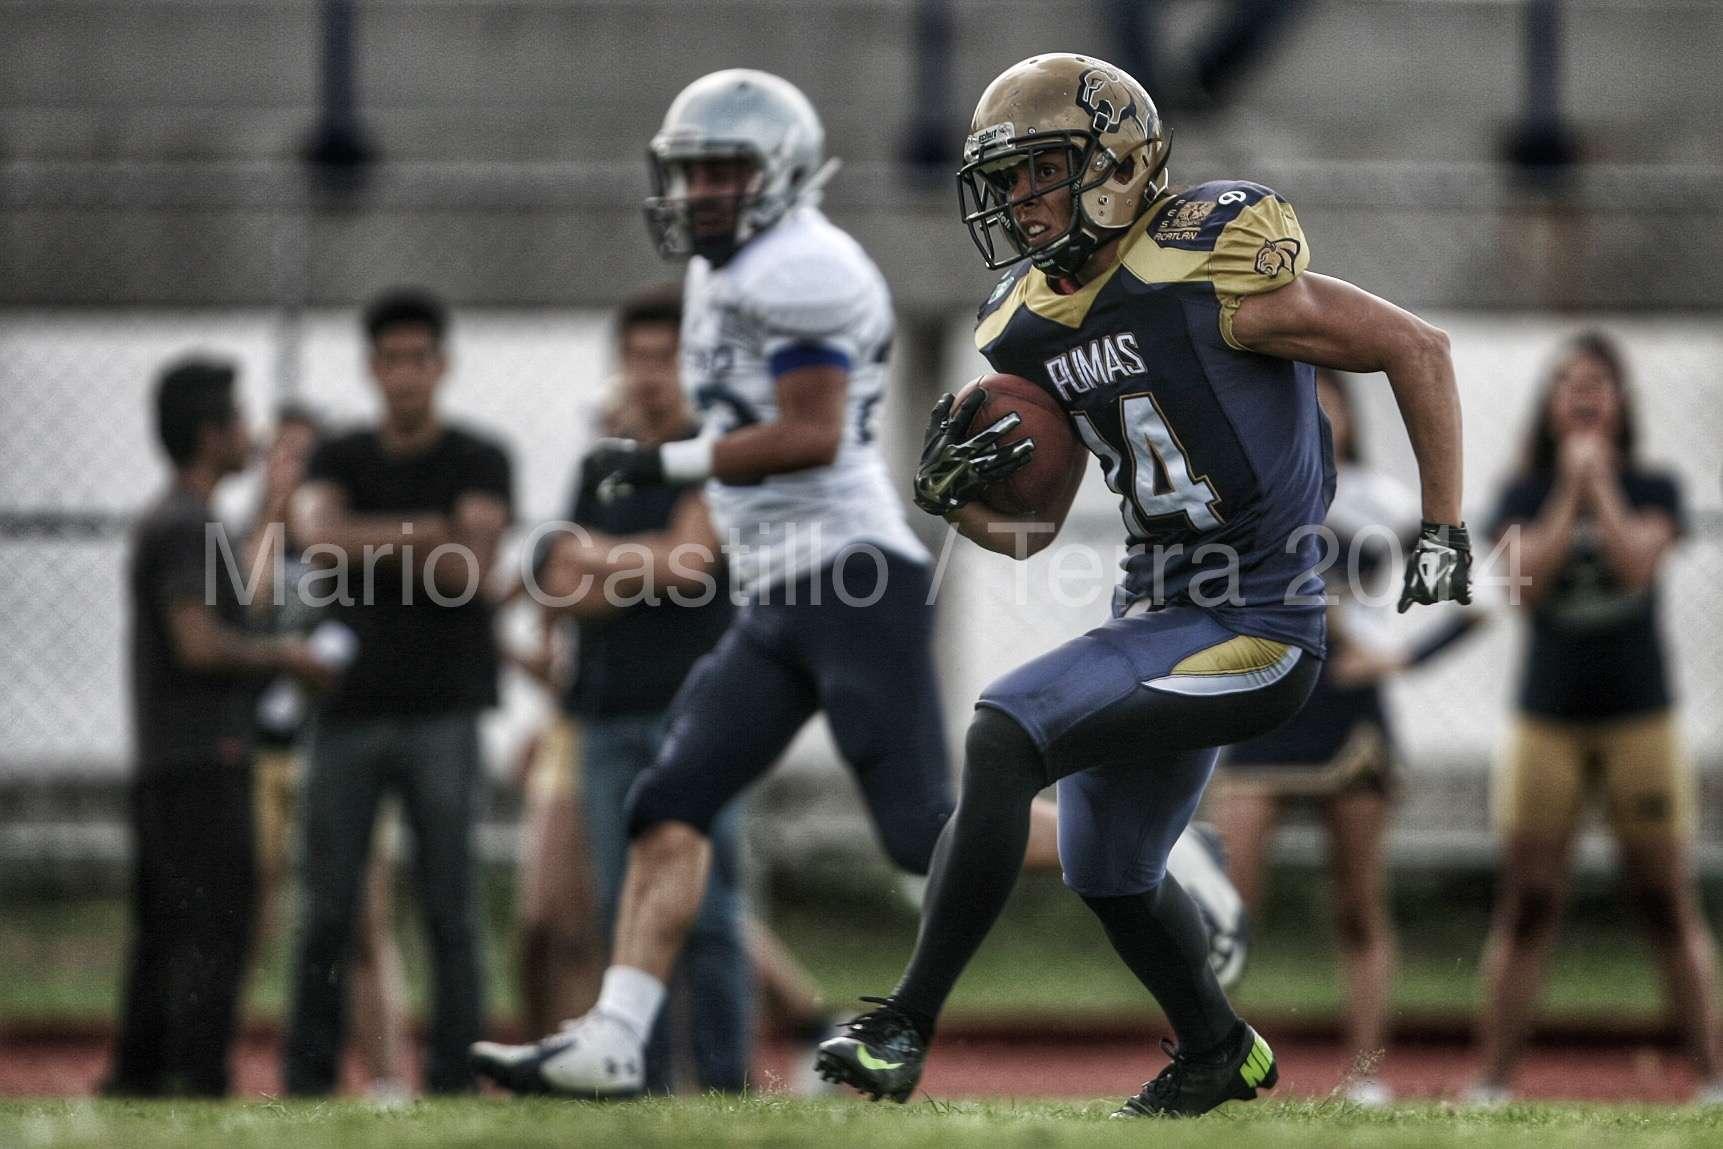 Pumas Acatlán puso su marca en 2-2 Foto: Mario Castillo / Derechos reservadis/Terra